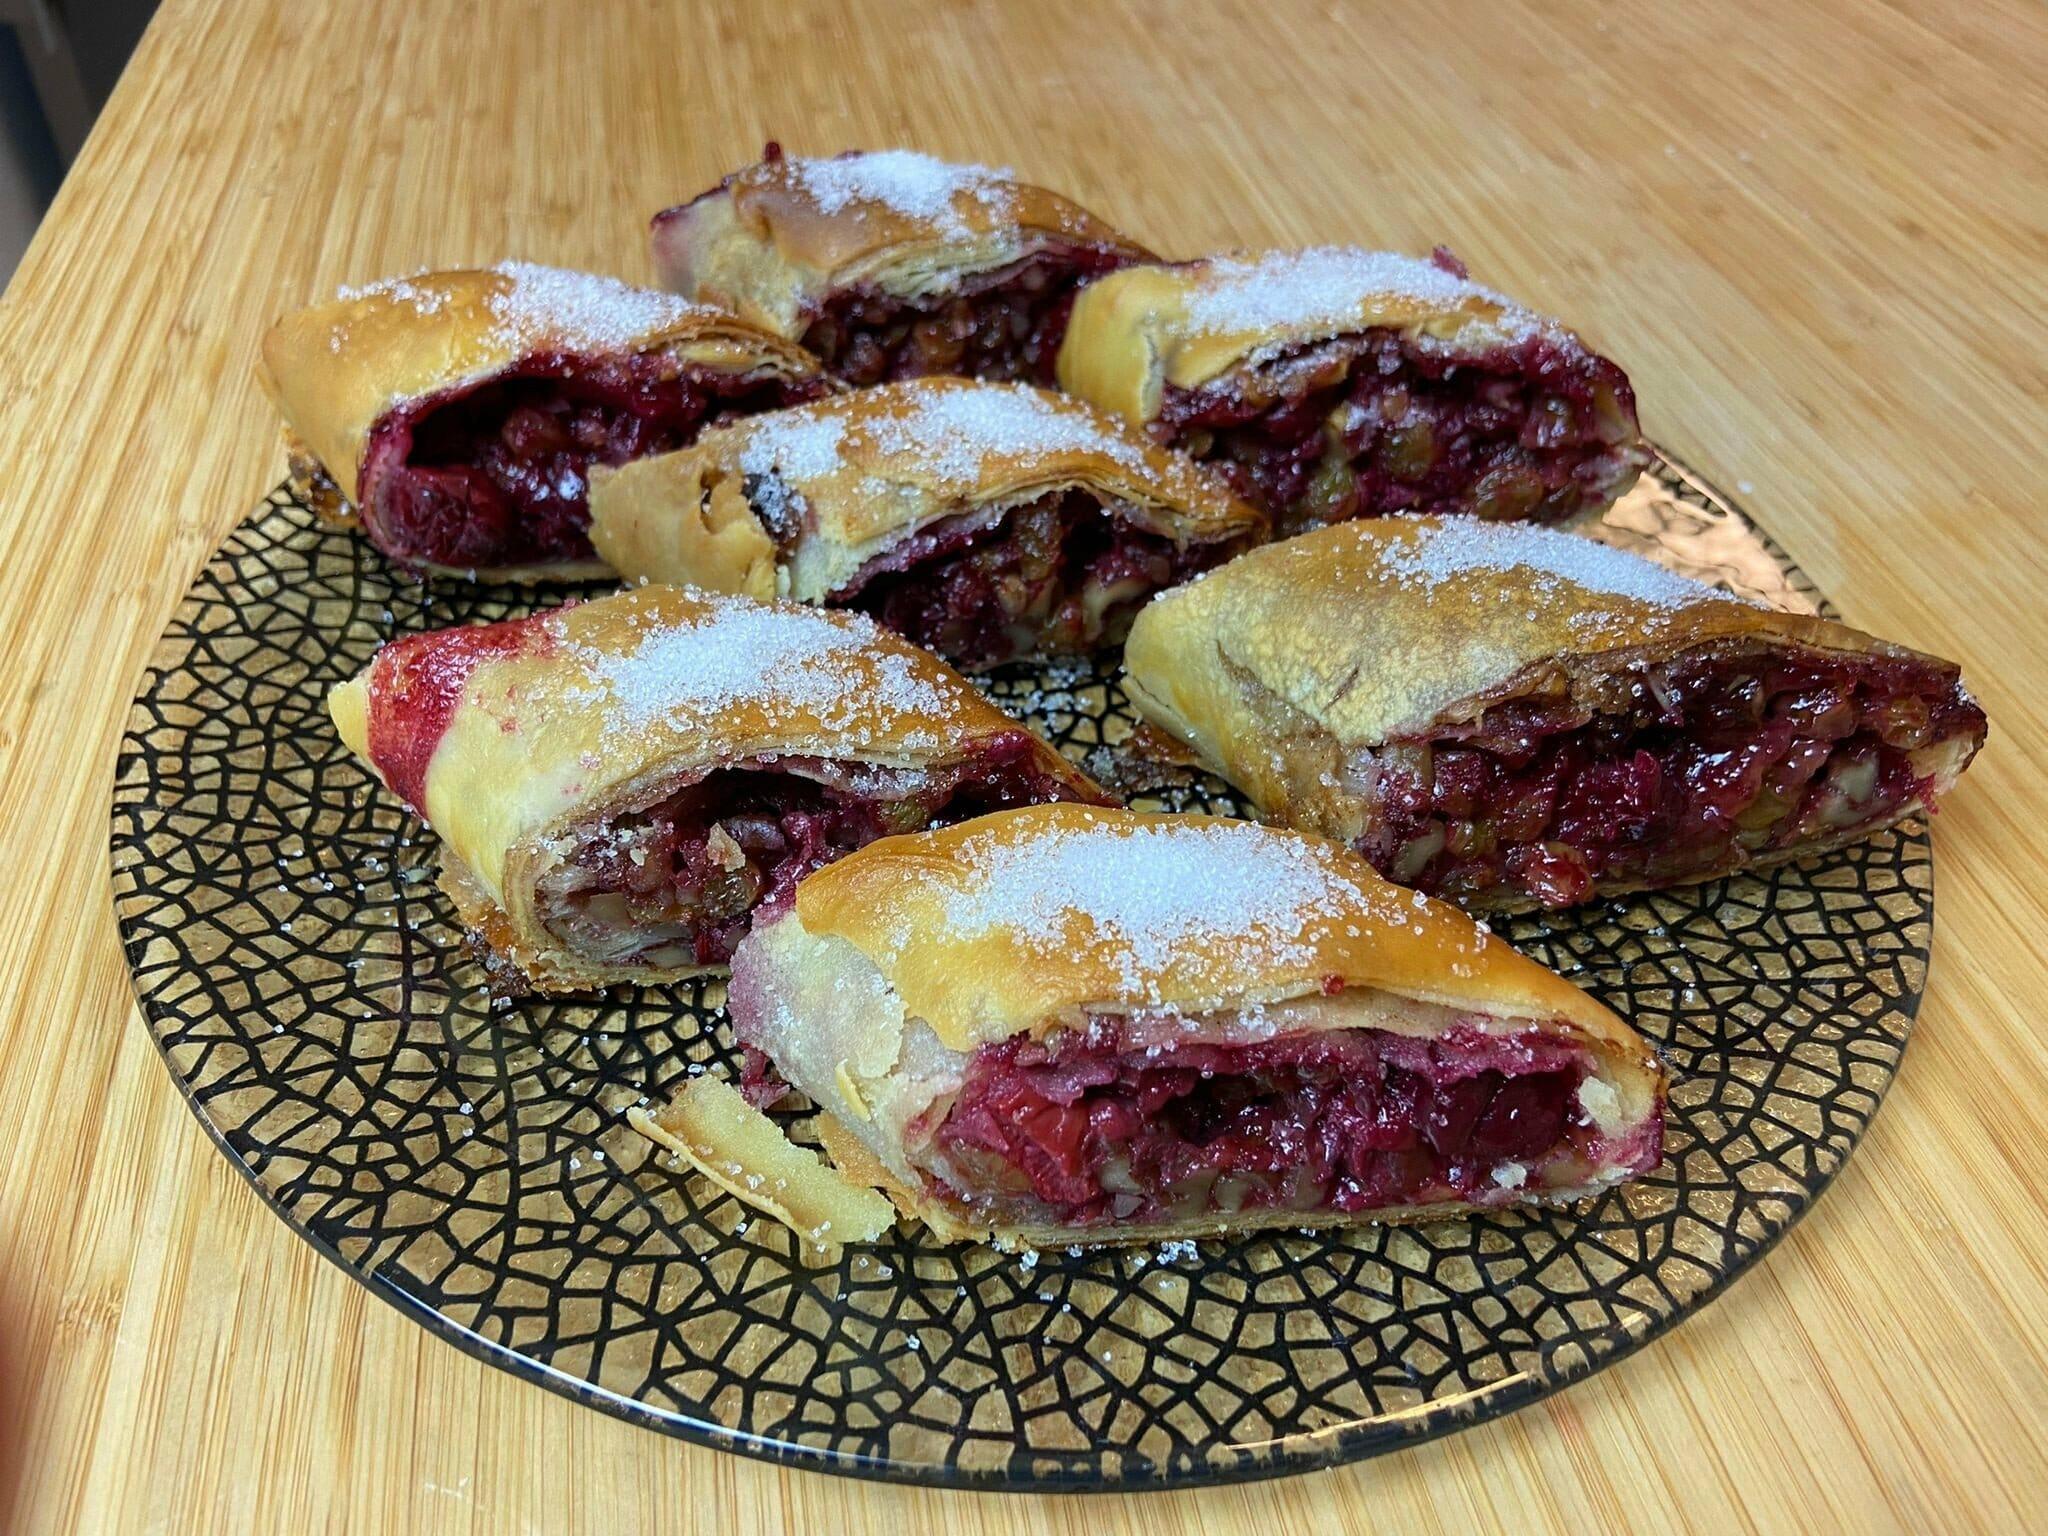 פלודן - מאפה שכבות חגיגי עם פירות ואגוזים